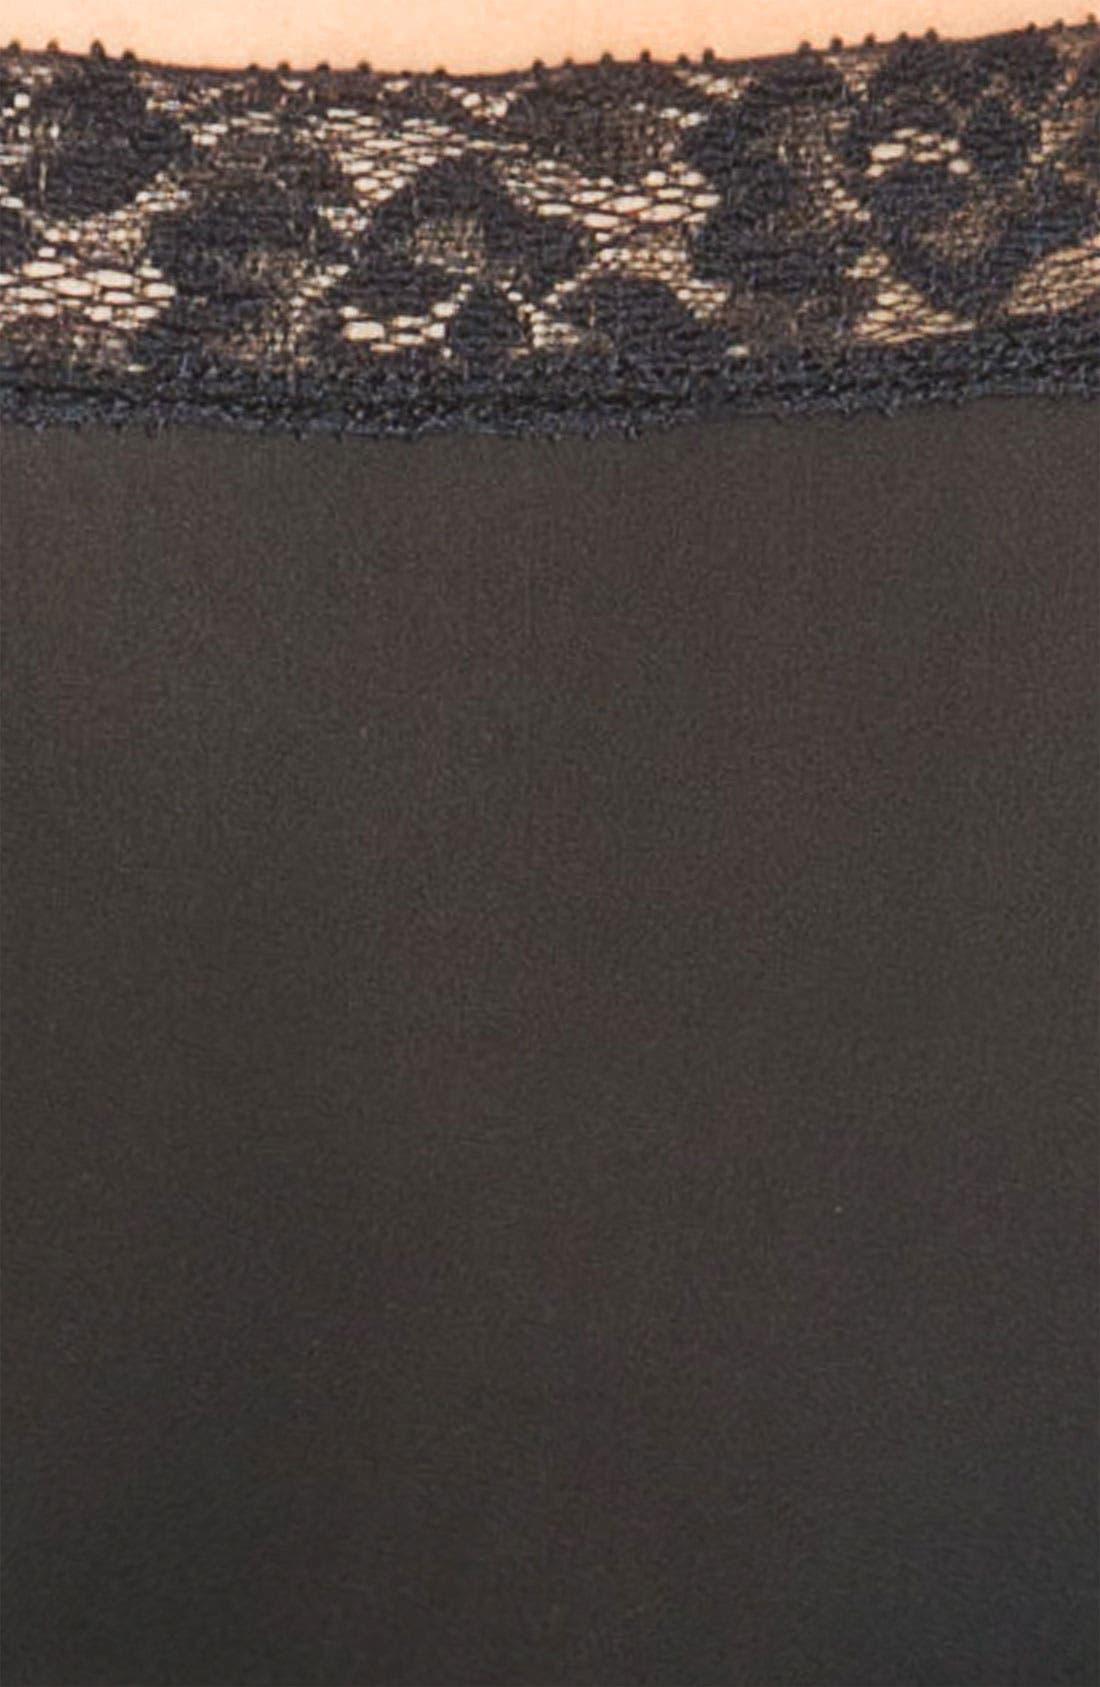 'Bodysuede' Lace Waist Briefs,                             Alternate thumbnail 3, color,                             BLACK